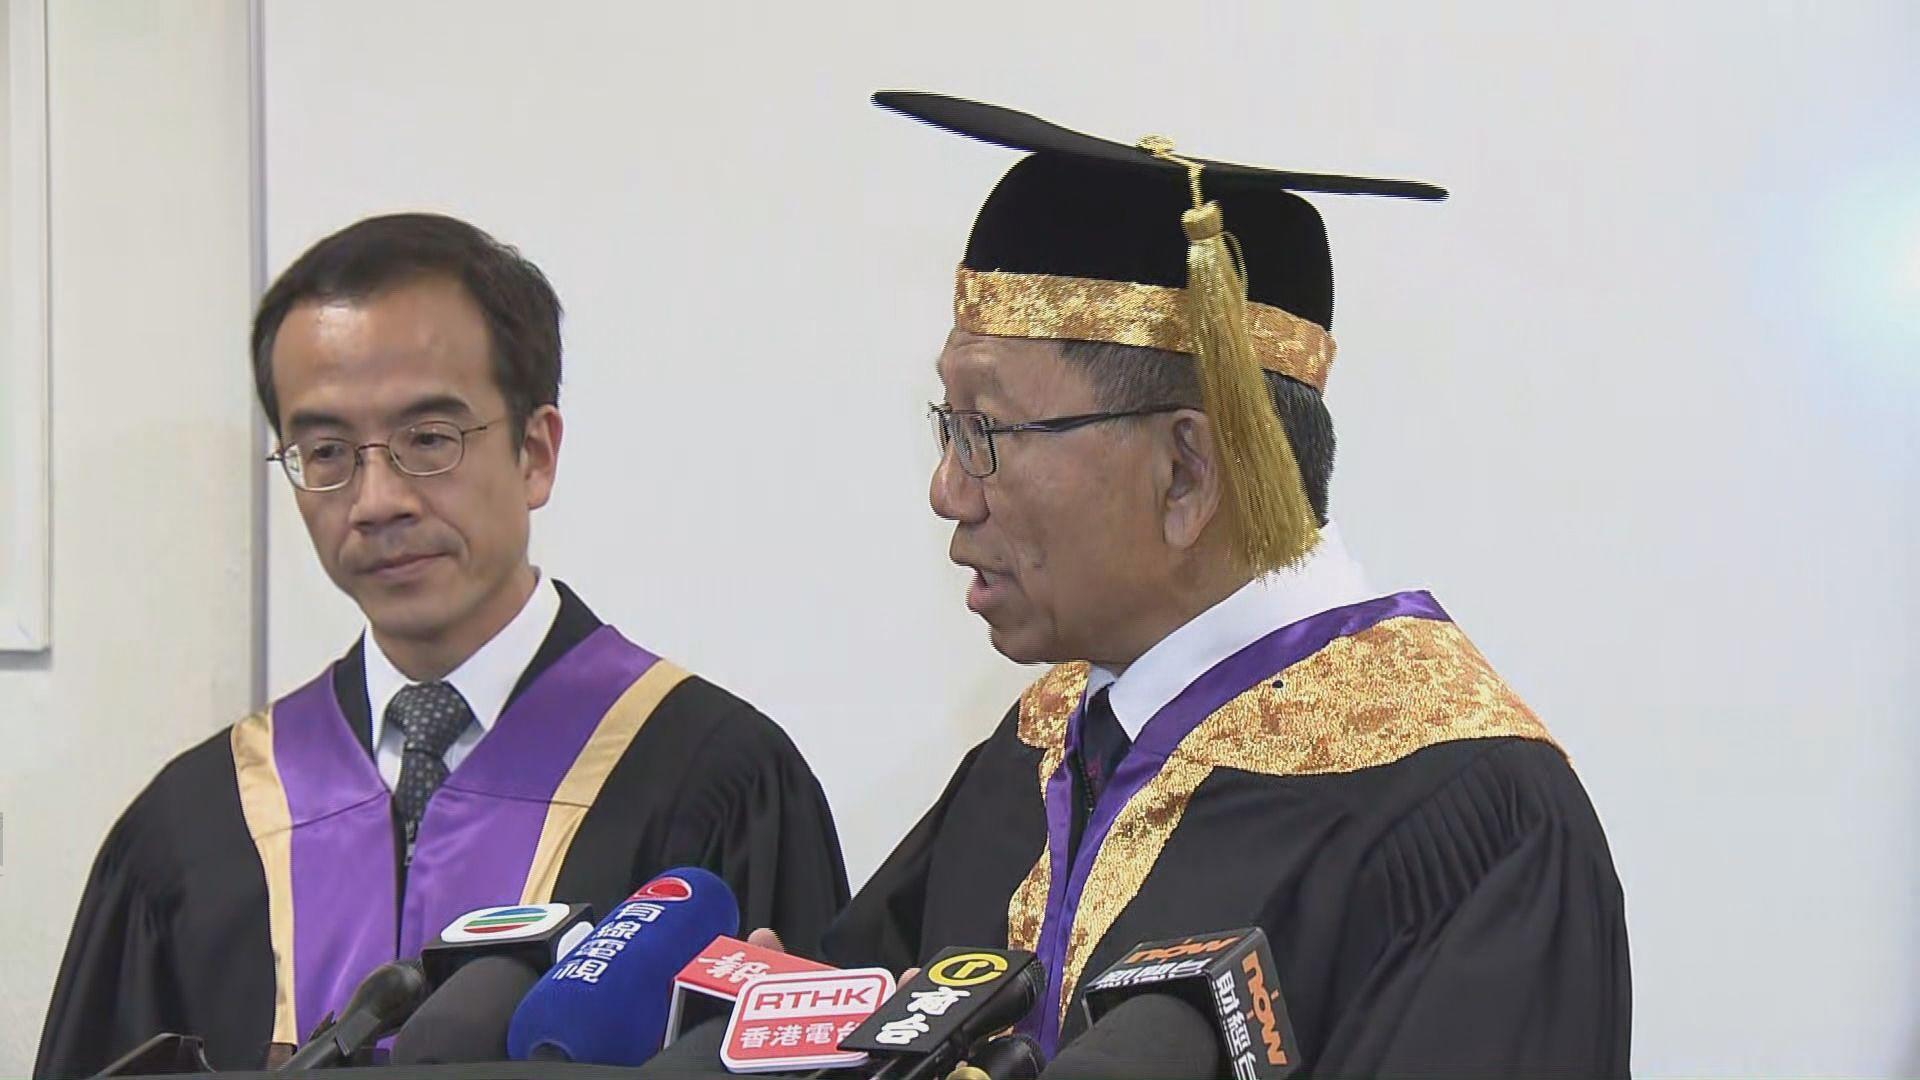 中大校長:基本法不容港獨但大學有言論自由